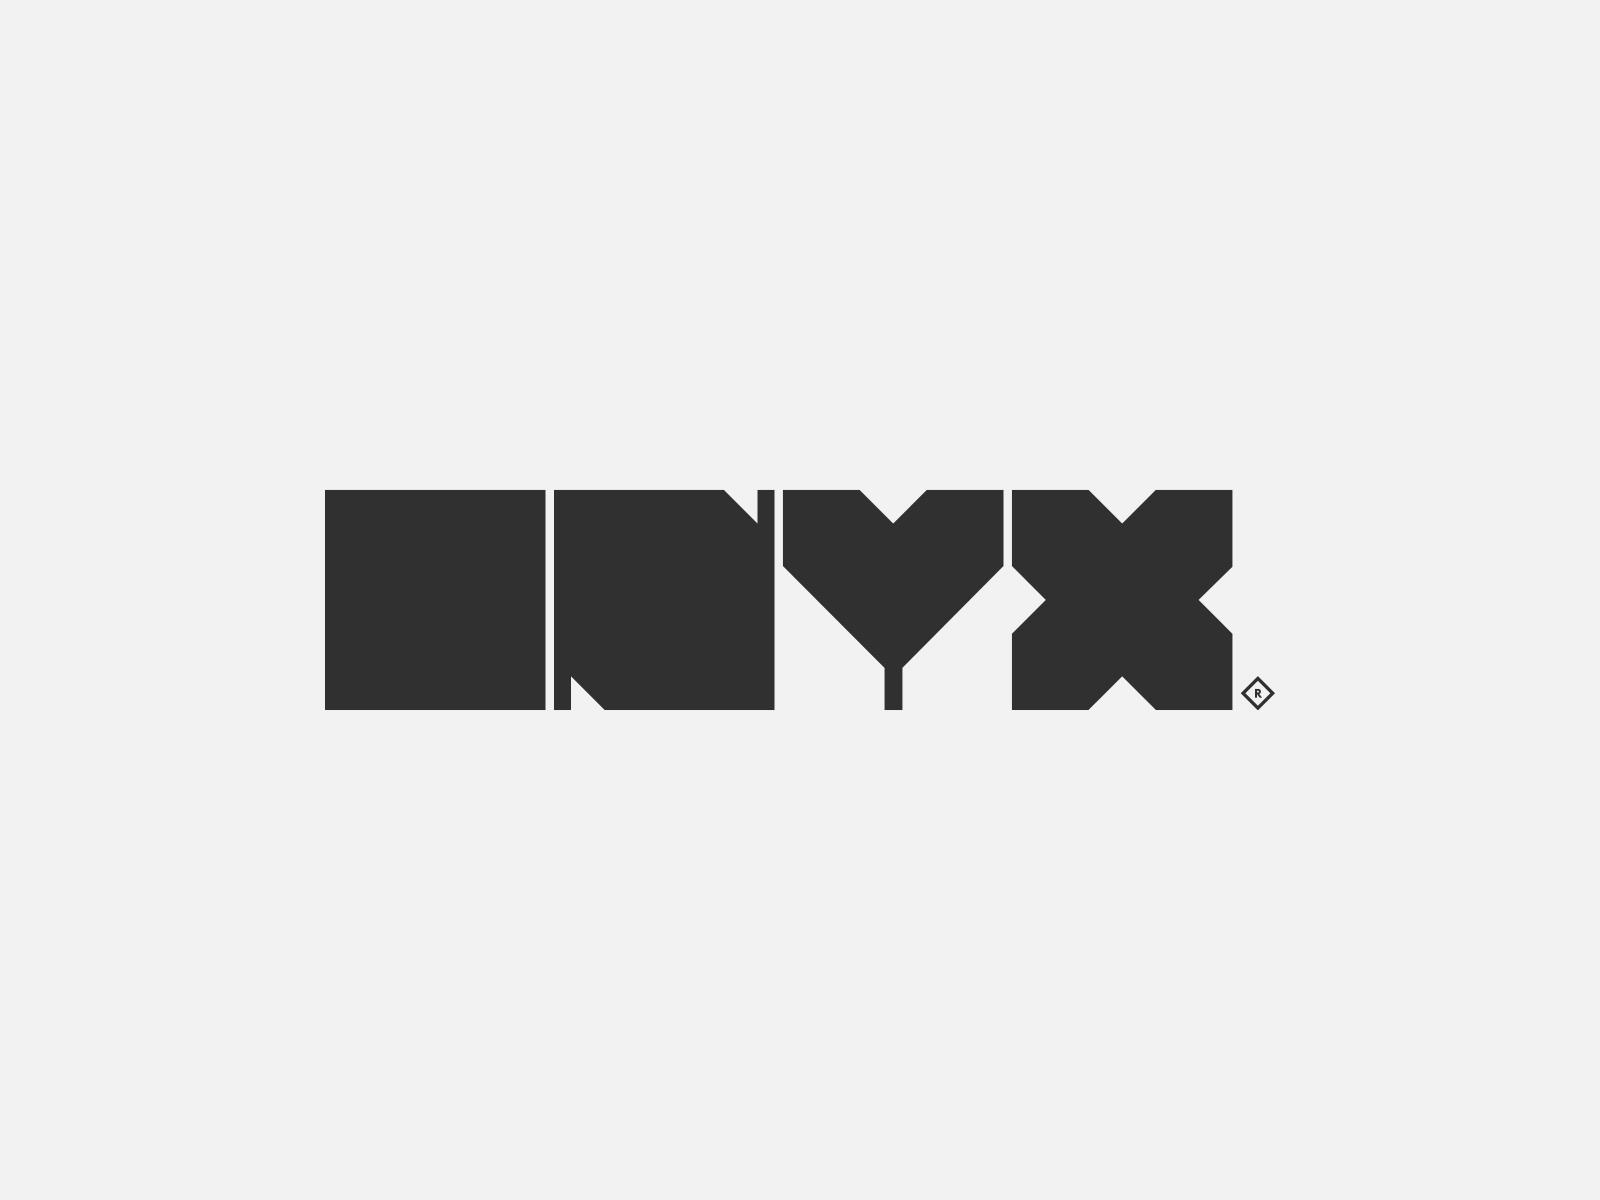 ONYX by Leo Burnett Design